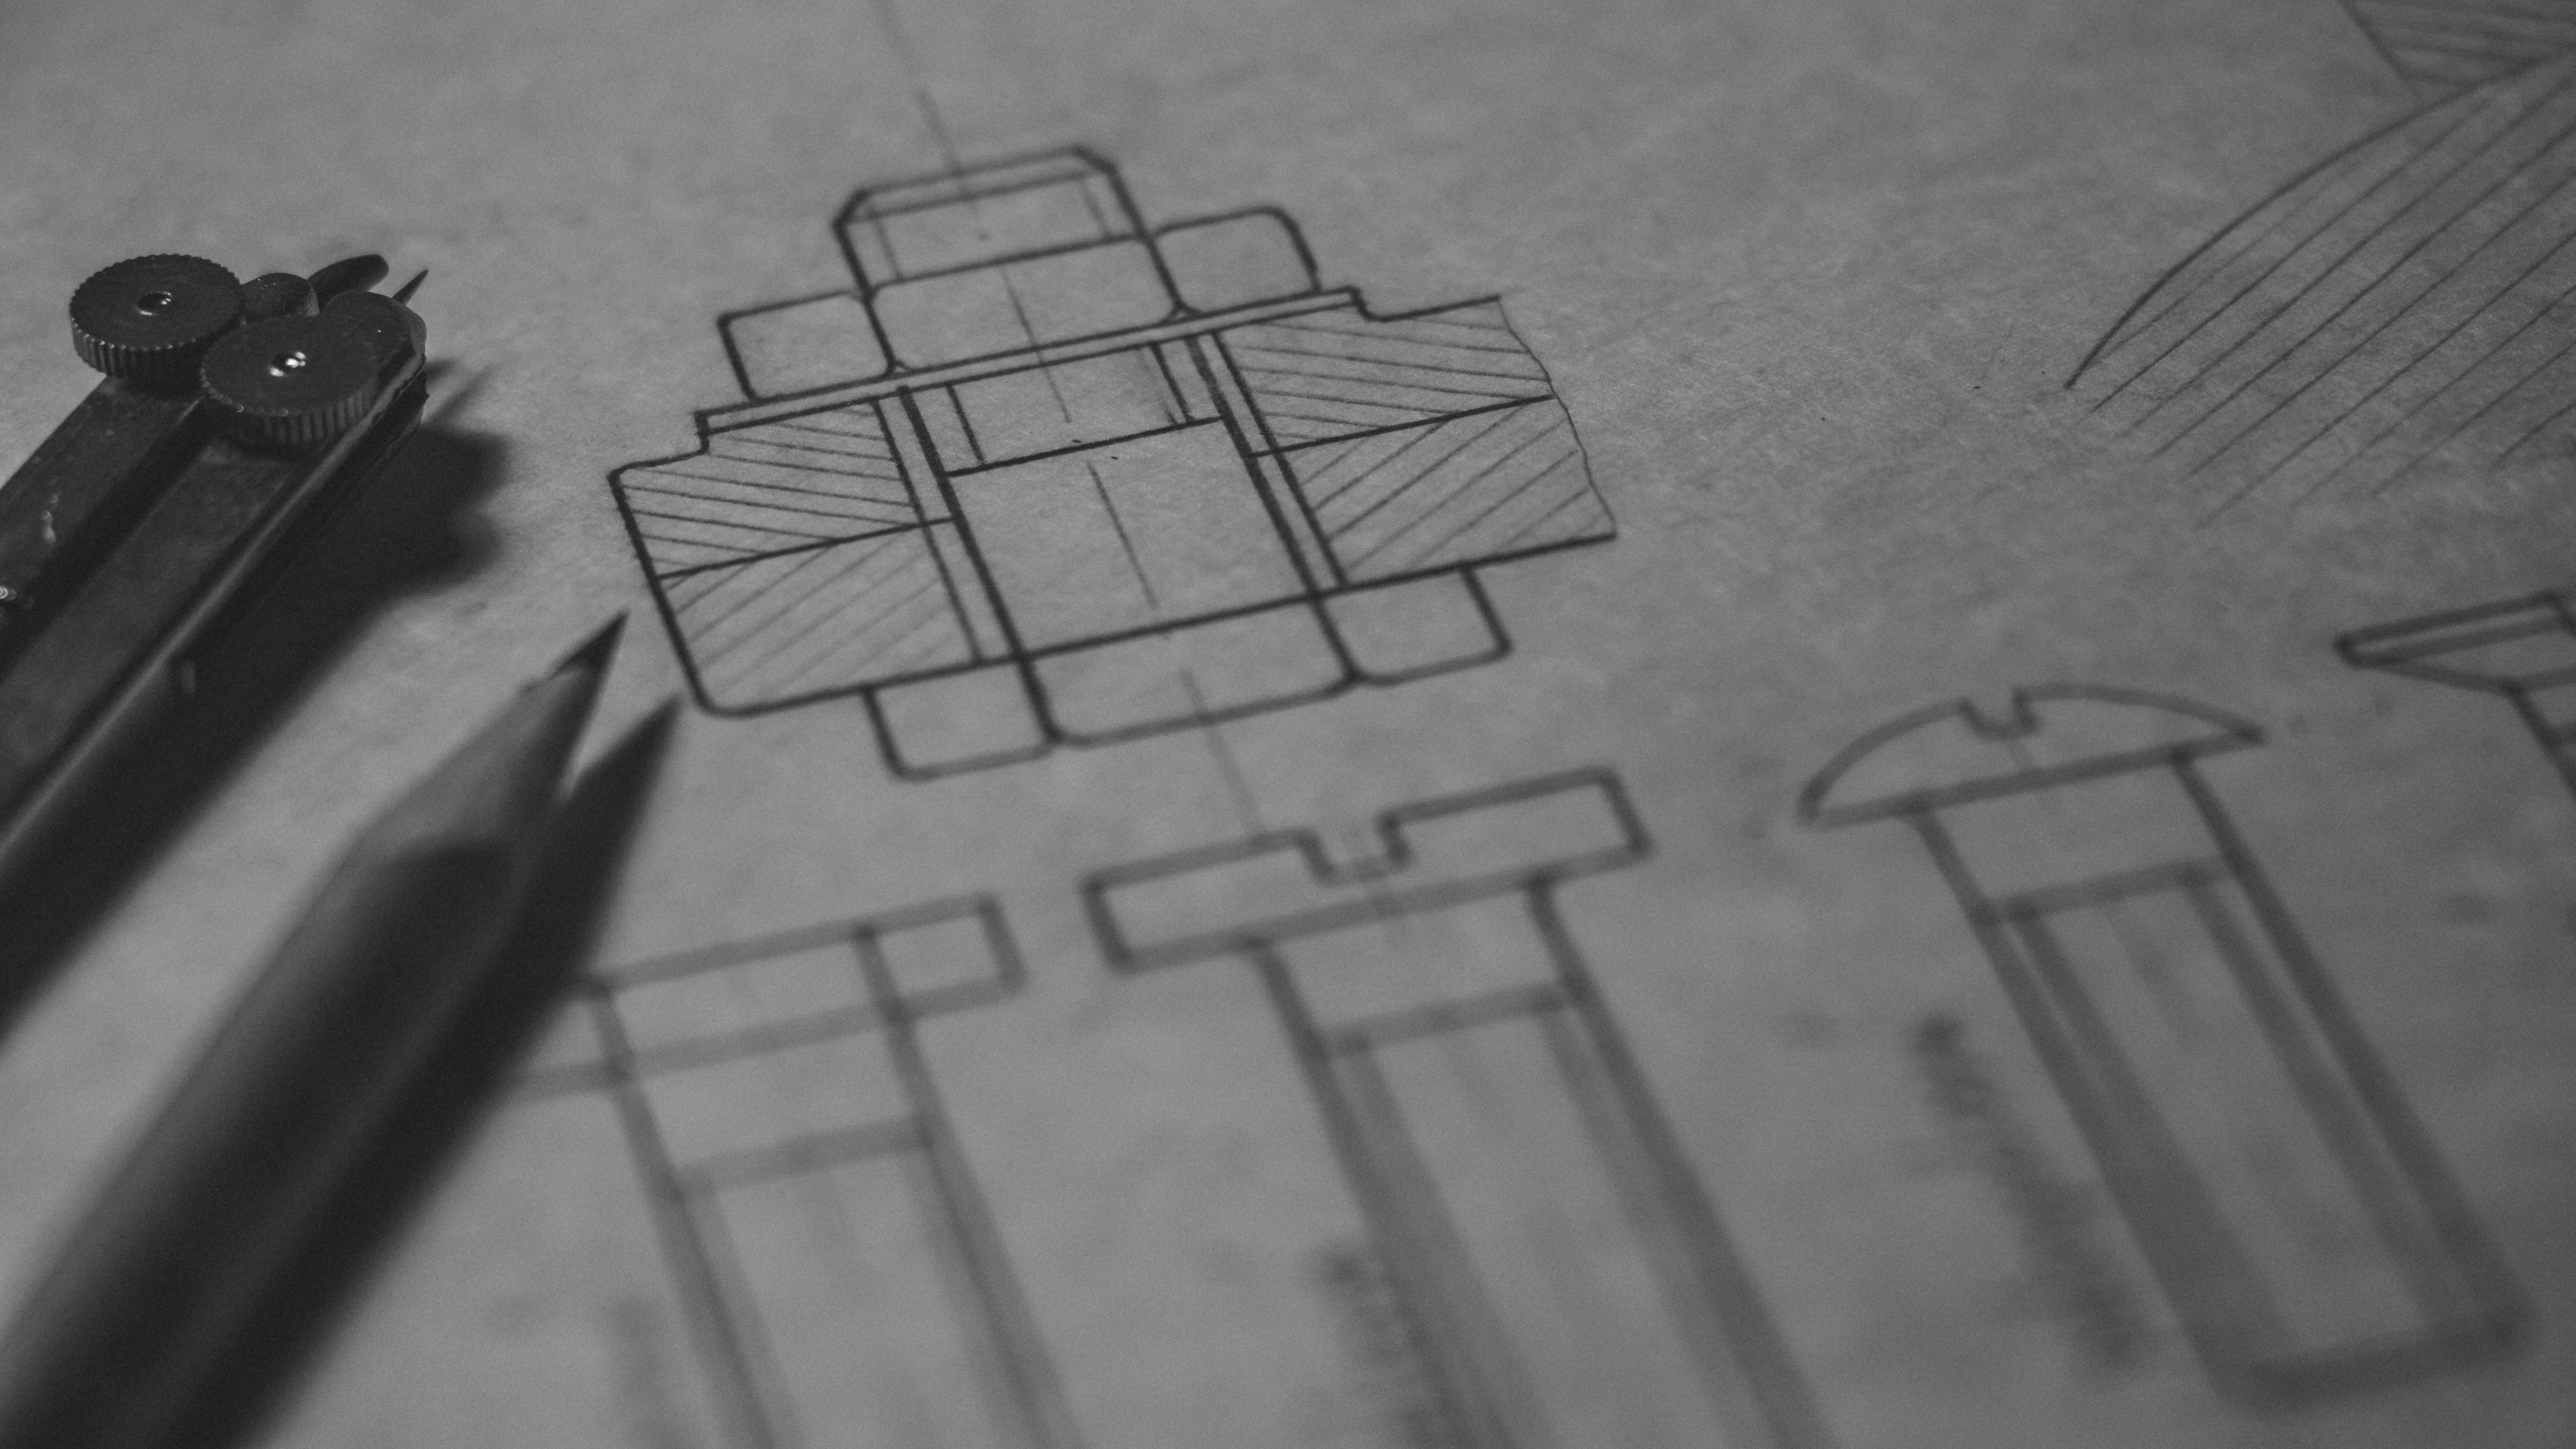 Drafting / CAD